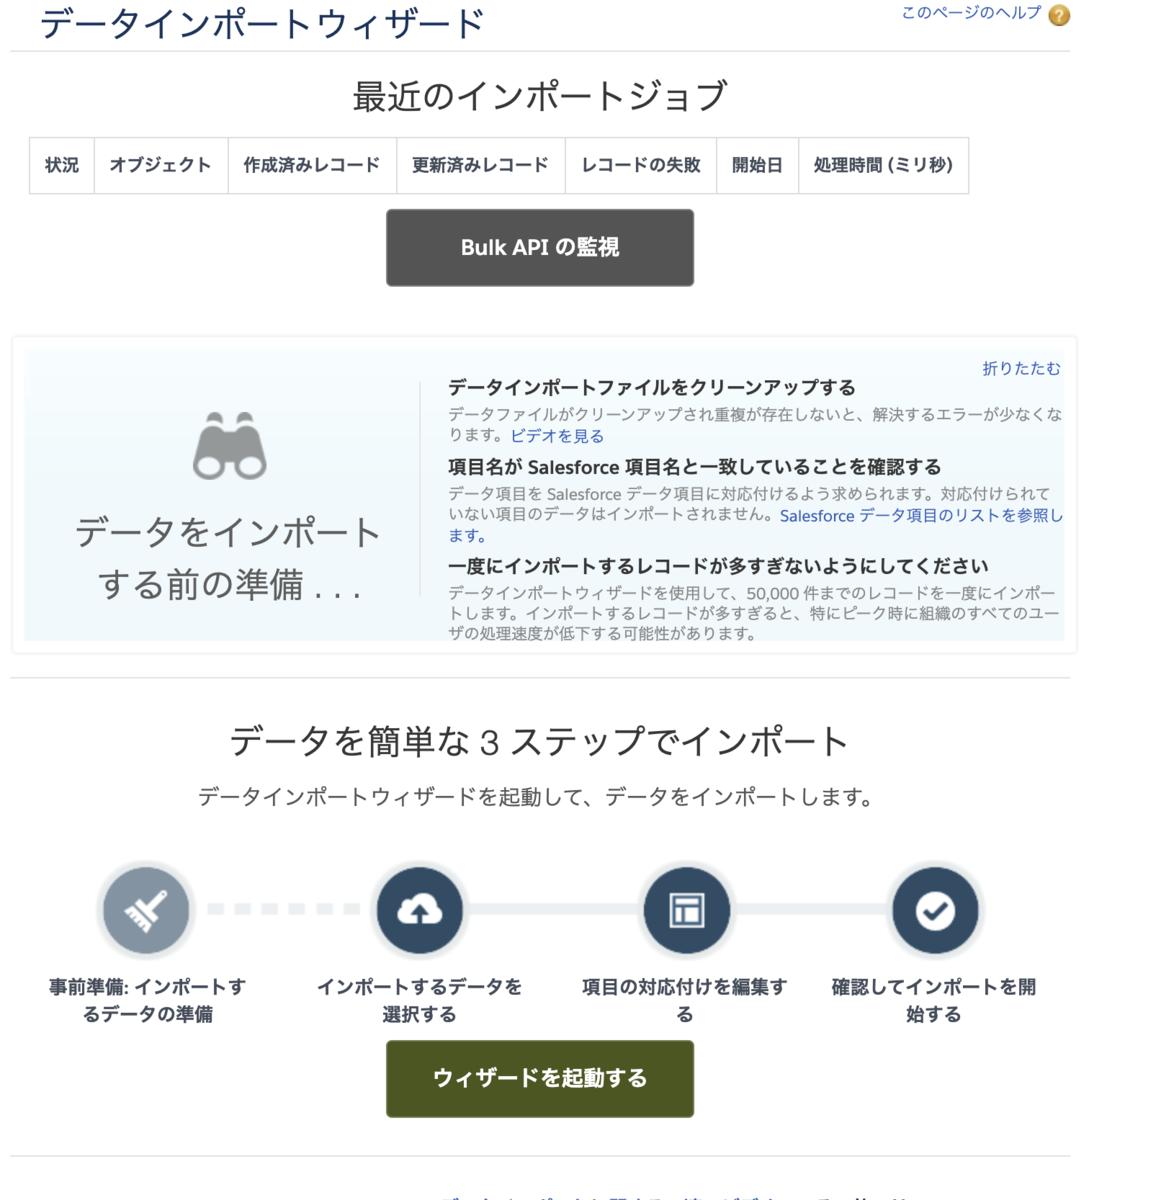 f:id:yujiro0320:20191018190922p:plain